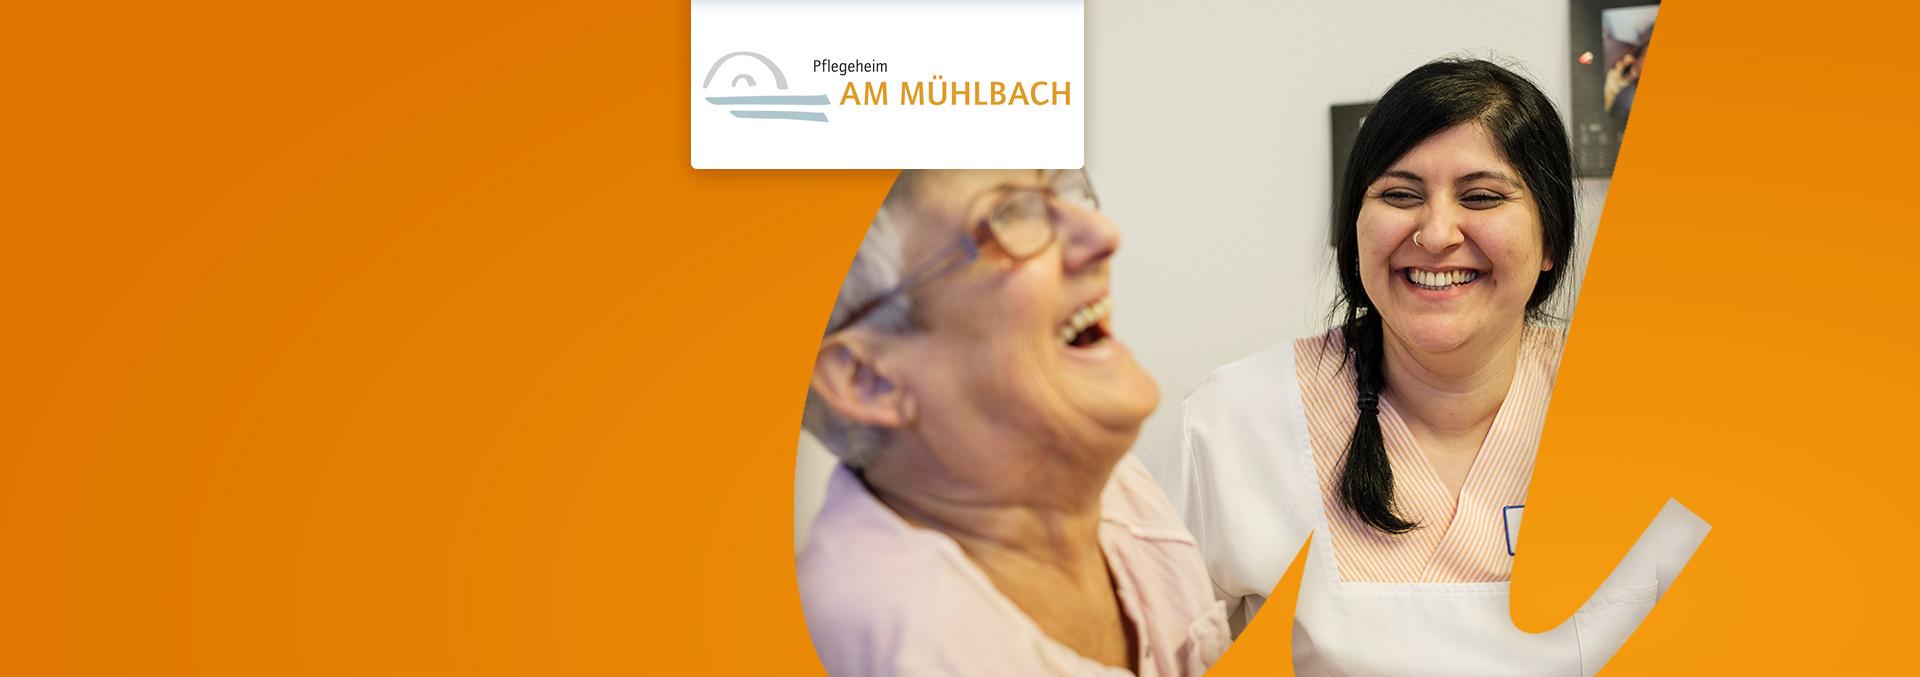 Pflegeheim Am Mühlbach, eine Pflegerin und eine Bewohnerin lachen gemeinsam.